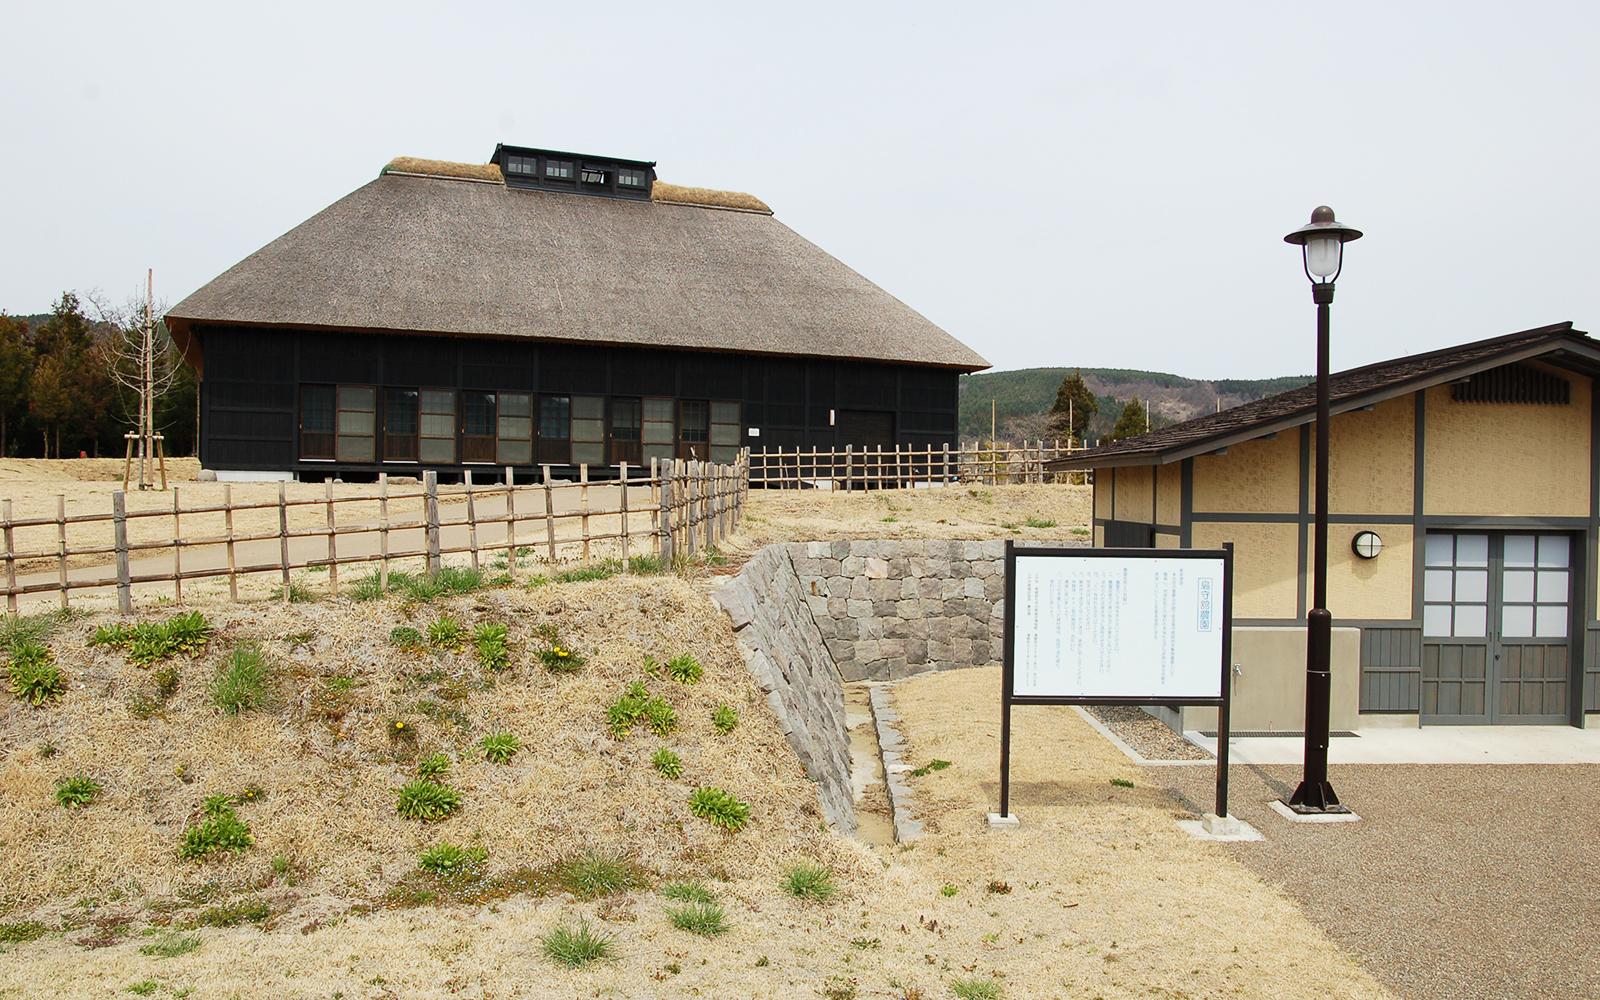 島守田園空間博物館